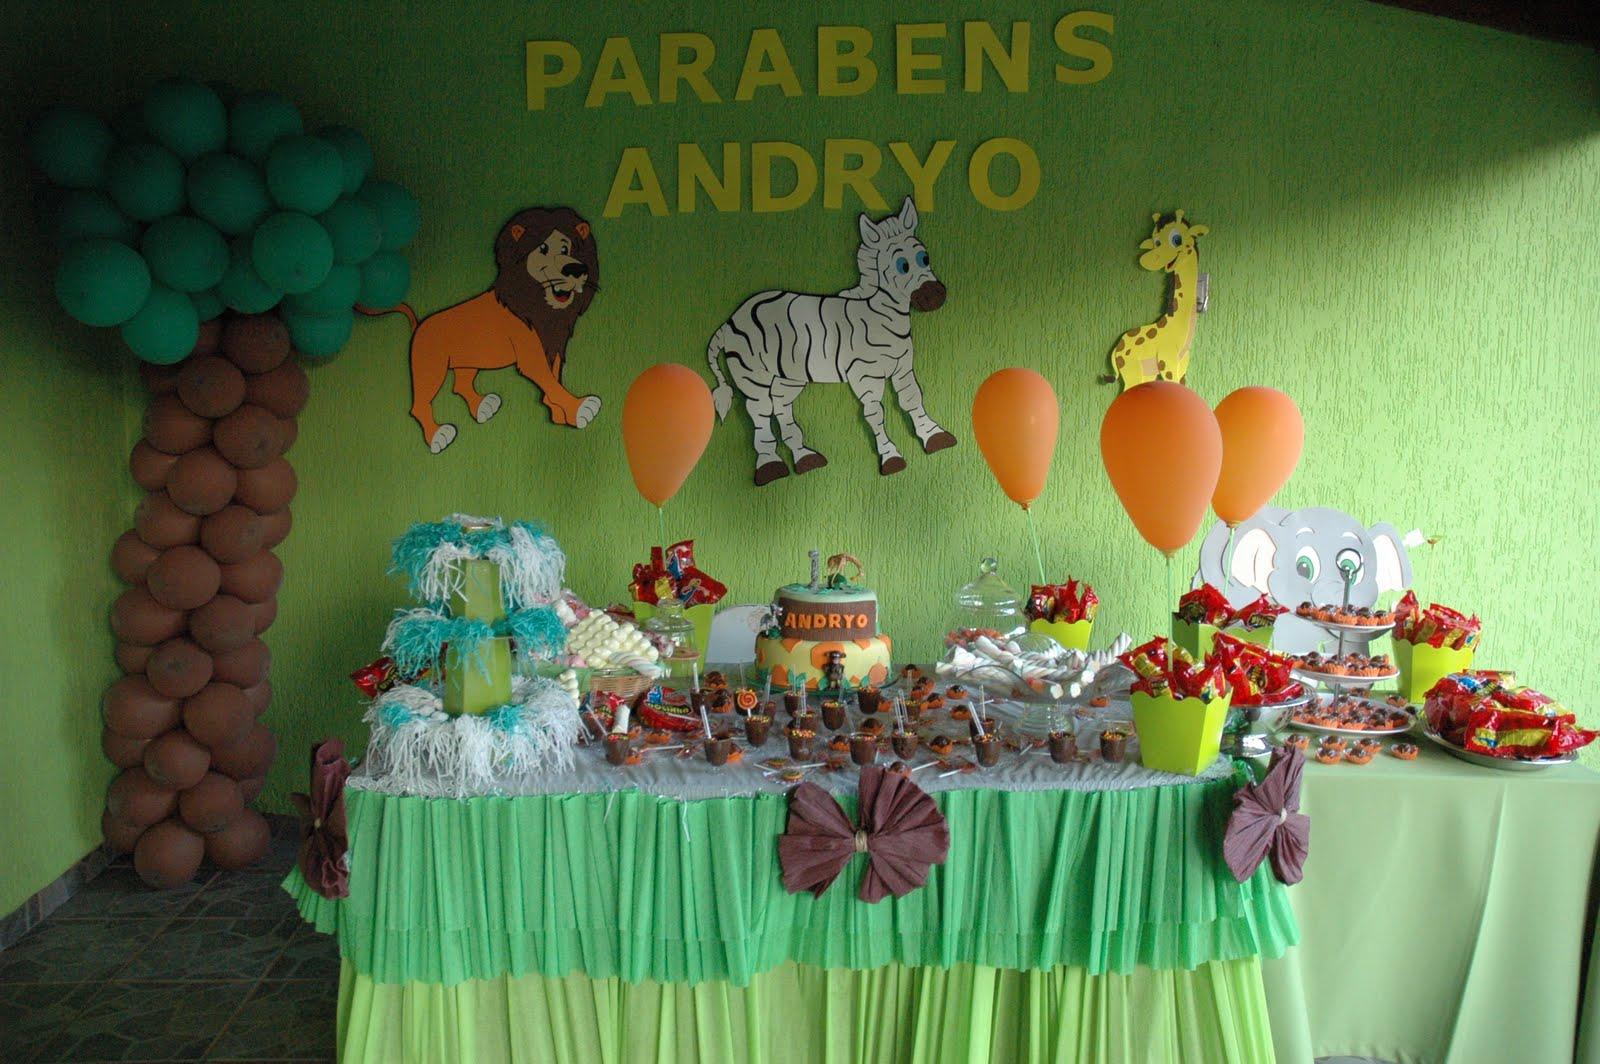 festa aniversario infantil jardim zoologico:Fazendo Festa – decoração infantil e chá de bebê!: Bolo Zoológico